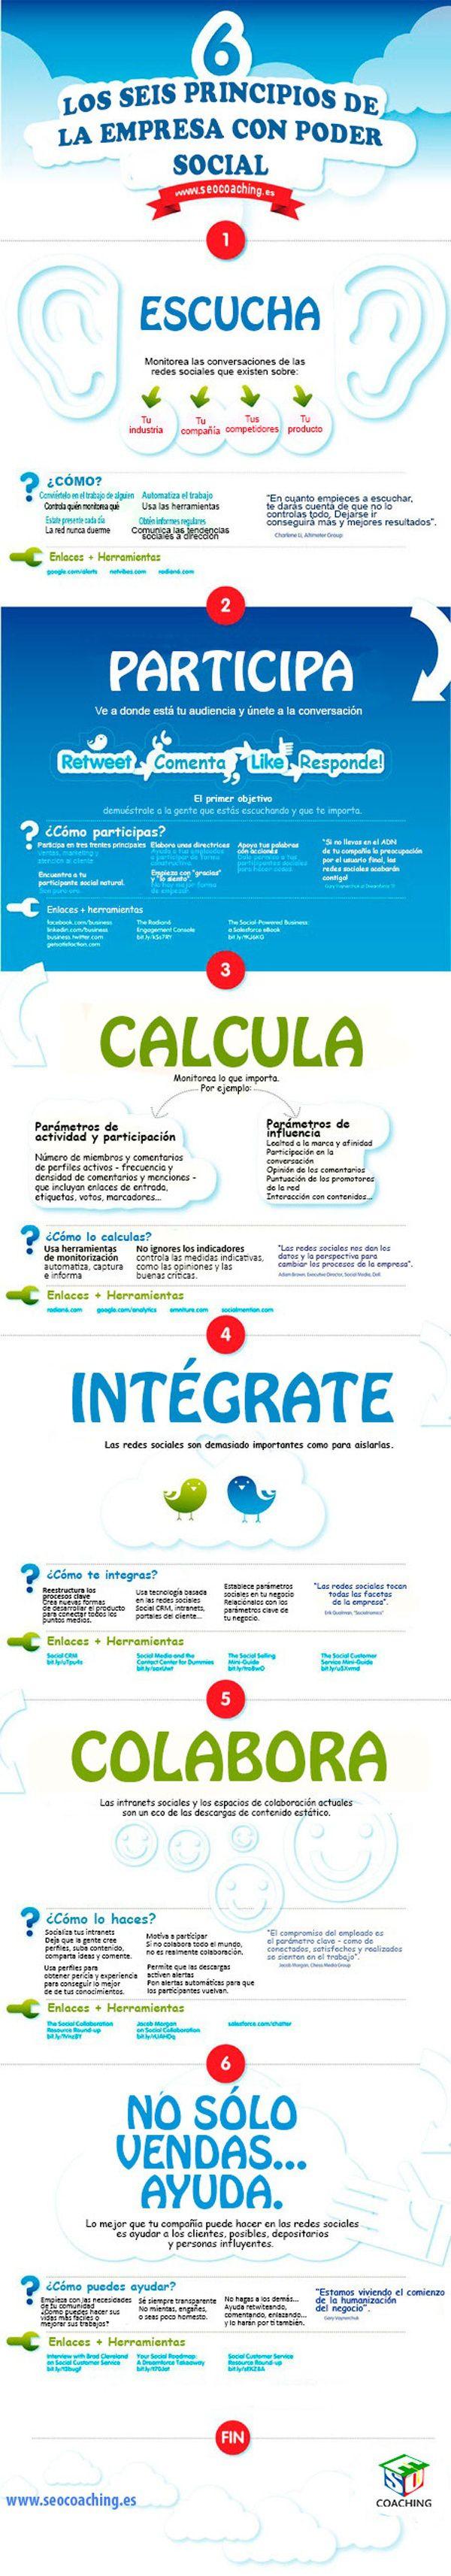 Los 6 principios de la empresa con poder Social #infografia en español #CommunityManager #RedesSociales #MarketingOnline #InternetMarketing #Infografia #CapacitaciónOnline